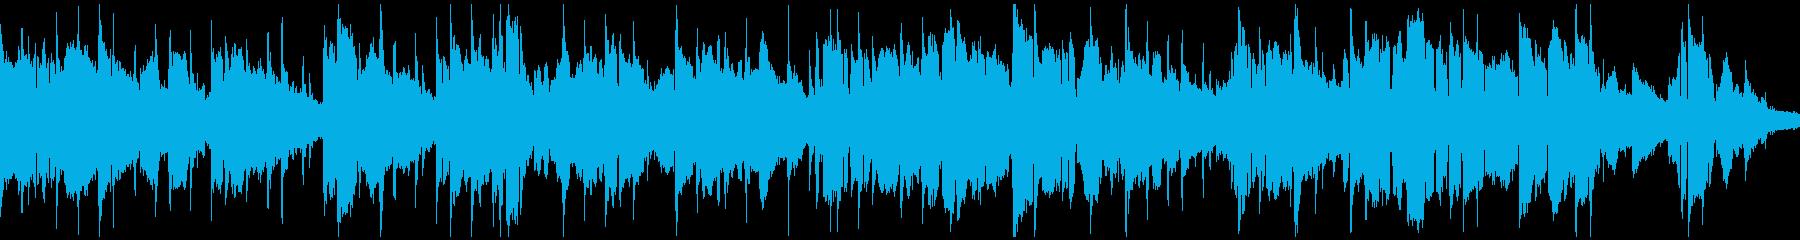 スムースジャズ系のバラード※ループ仕様版の再生済みの波形